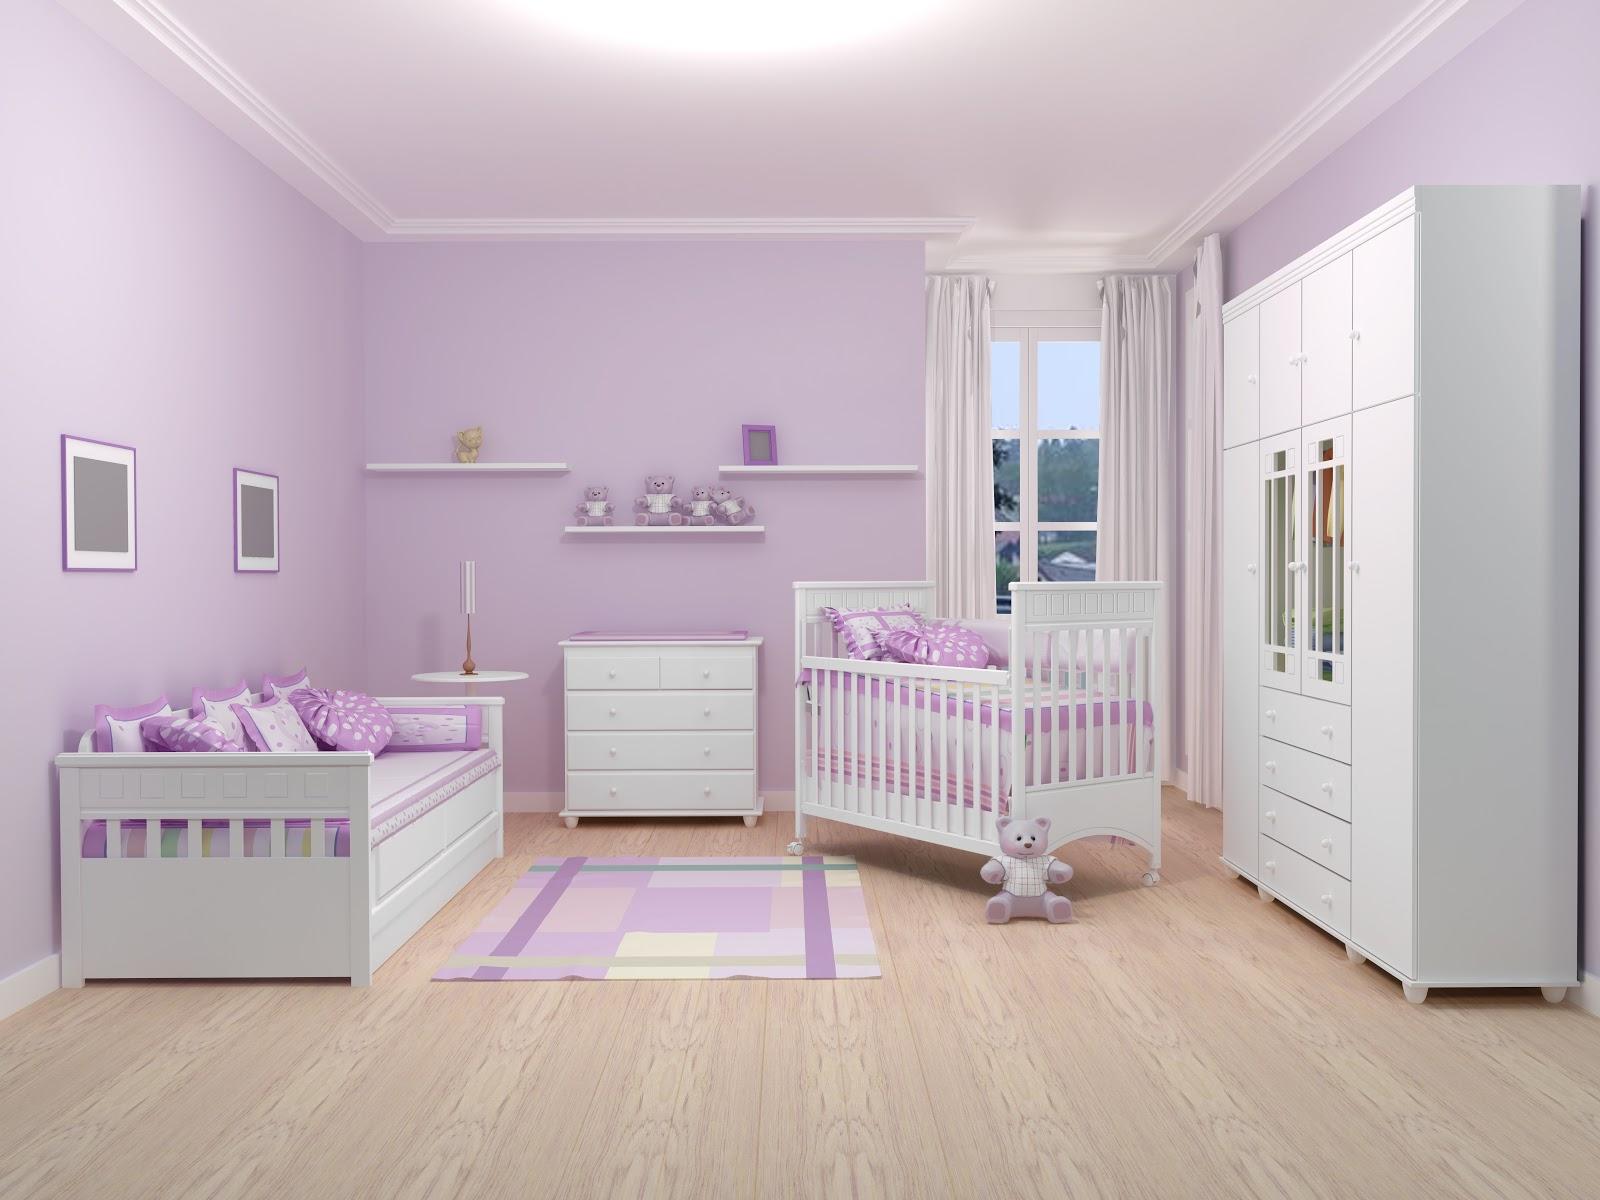 Dicas Para Decorar O Quarto Do Bebe Pediatra Virtual ~ Imagens De Quarto De Bebe Simples